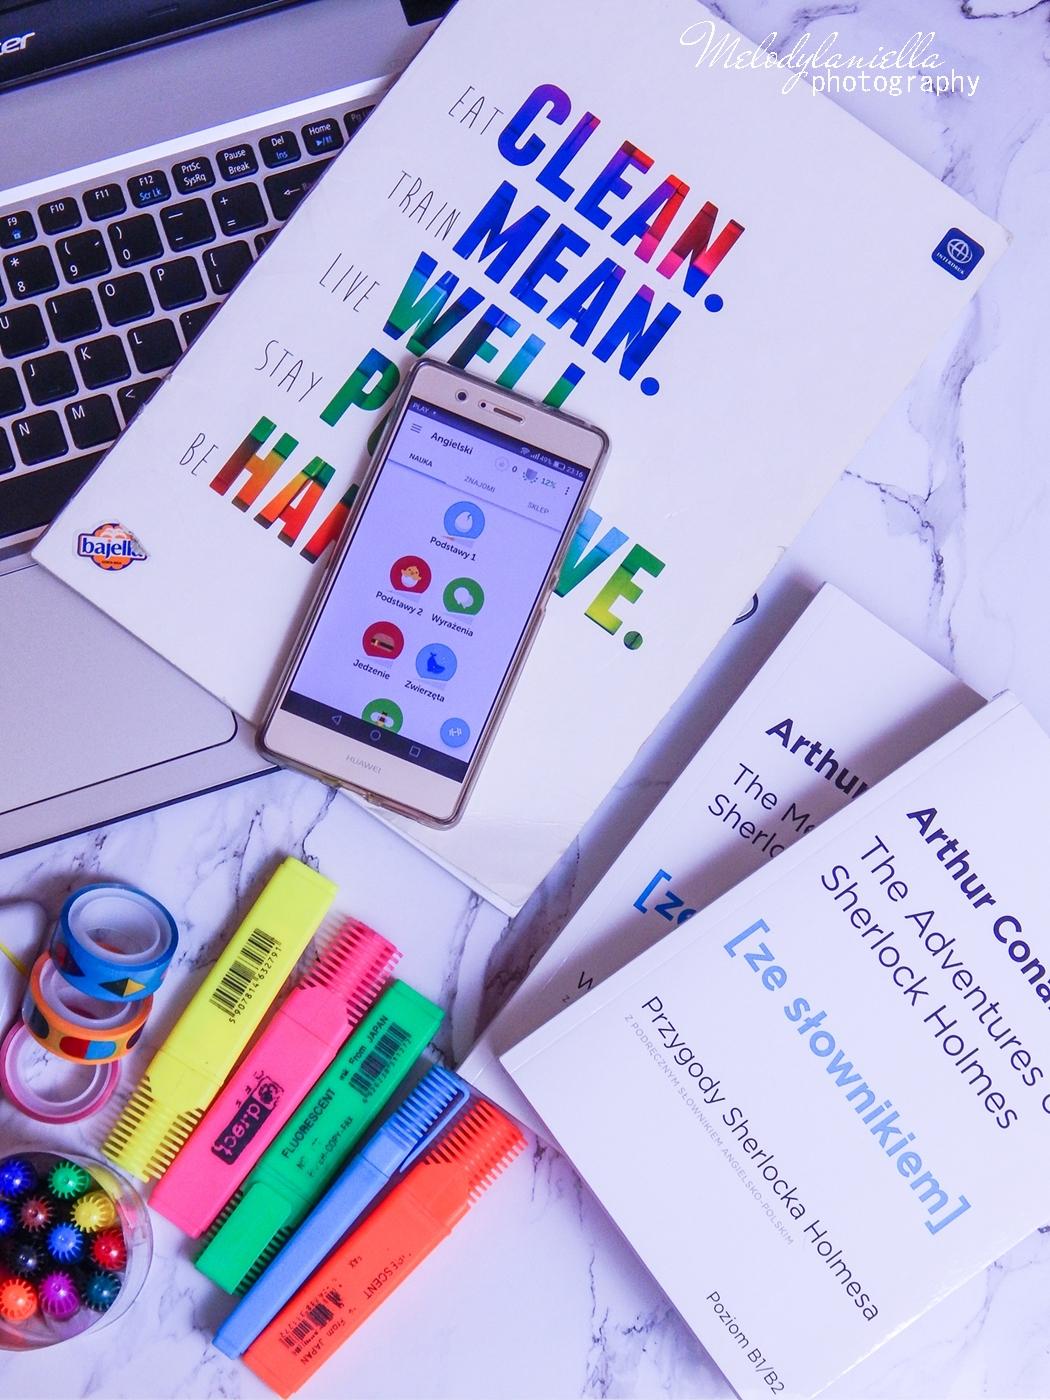 17 trzy sposoby na szybszą naukę języka angielskiego jak efektywnie uczyć się języków aplikacje do nauki angielskiego do nauki języków obcych duolingo książki ze słownikiem sherlock holmes